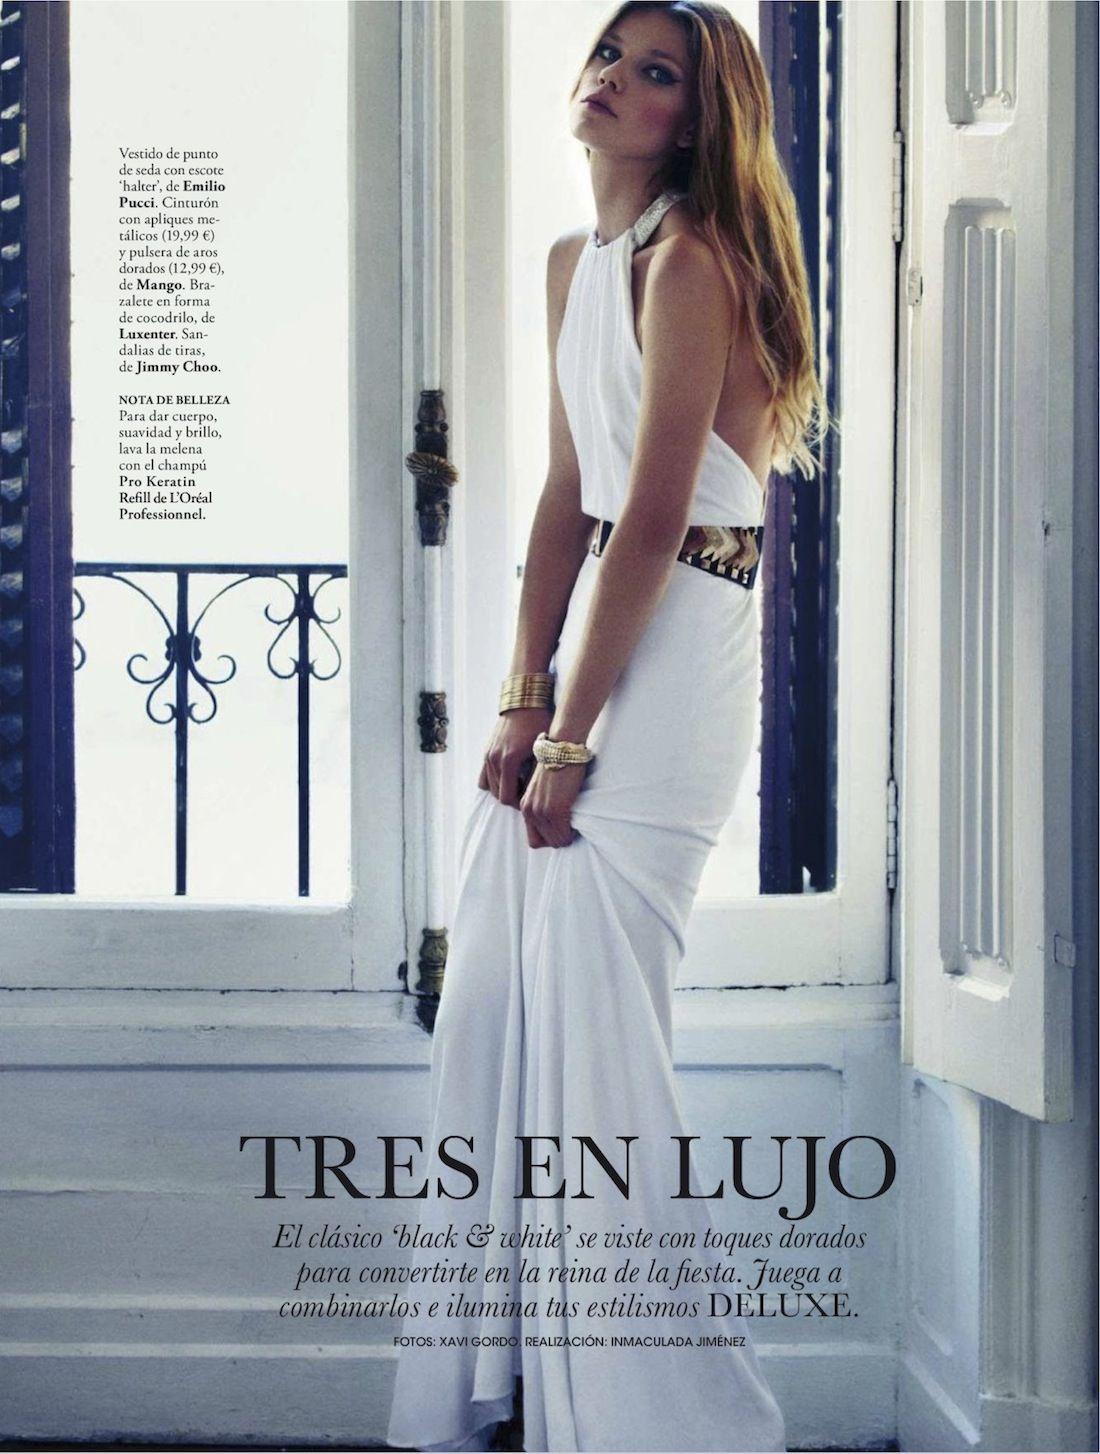 Masha-Novoselova-Xavi-Gordo-Elle-Spain-January-2013-3